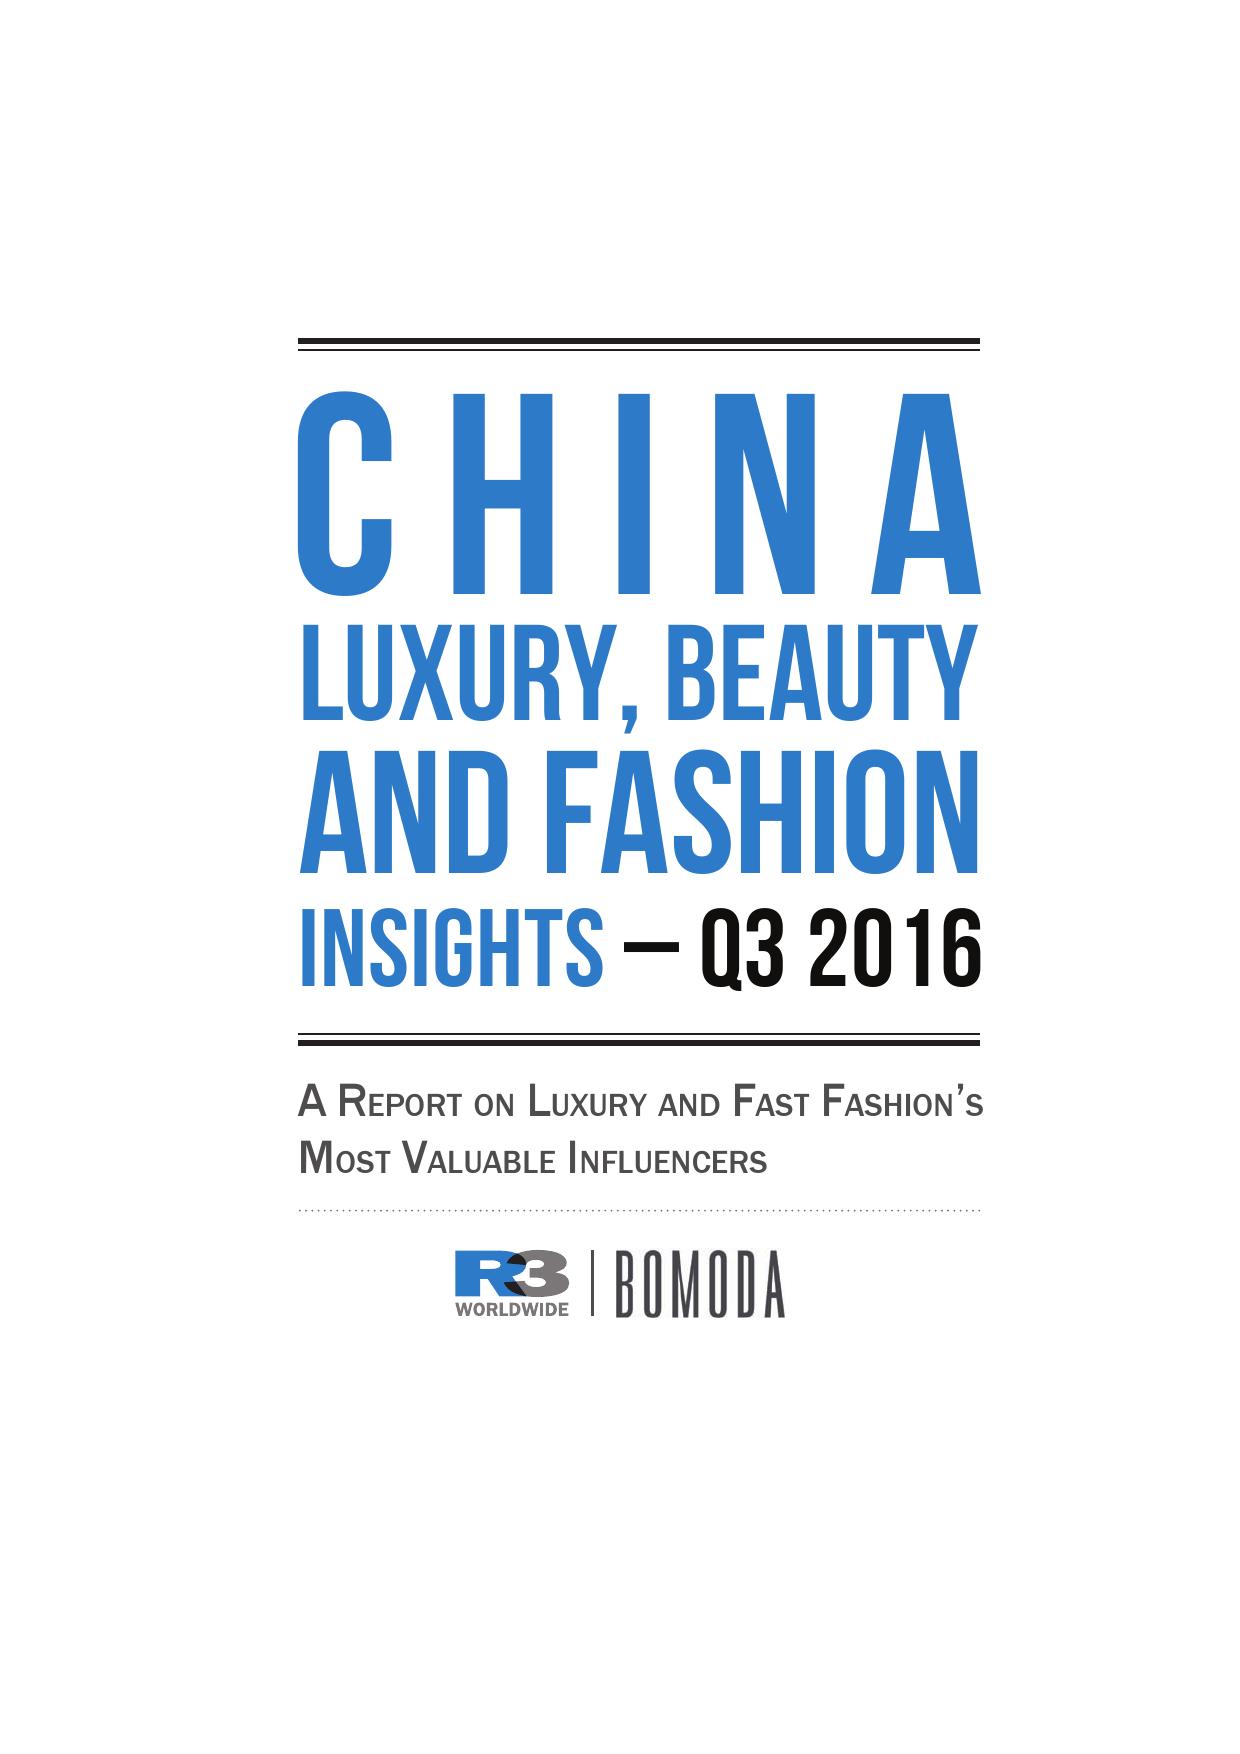 China Luxury, Beauty and Fashion Insights_000001